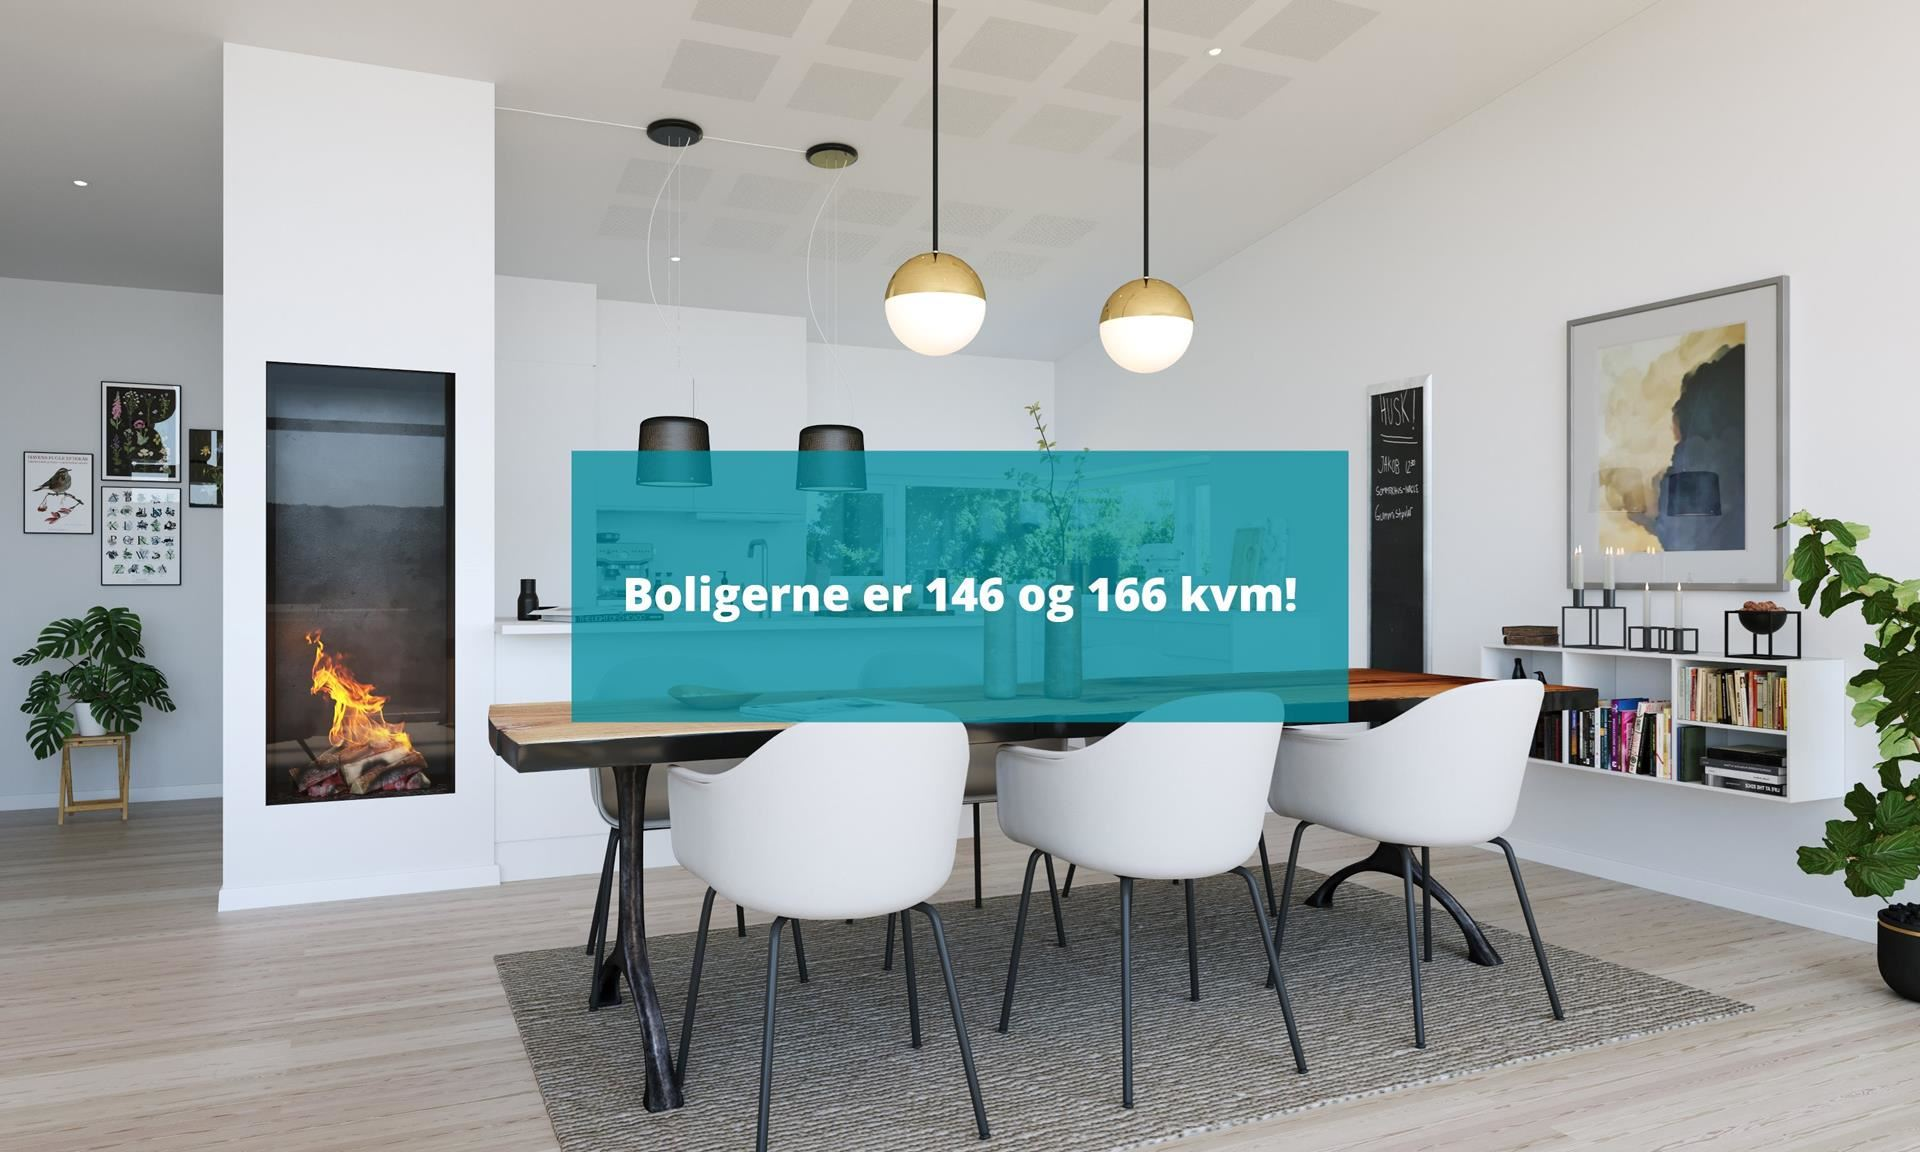 Gaias Alle 4, 9210 Aalborg SØ